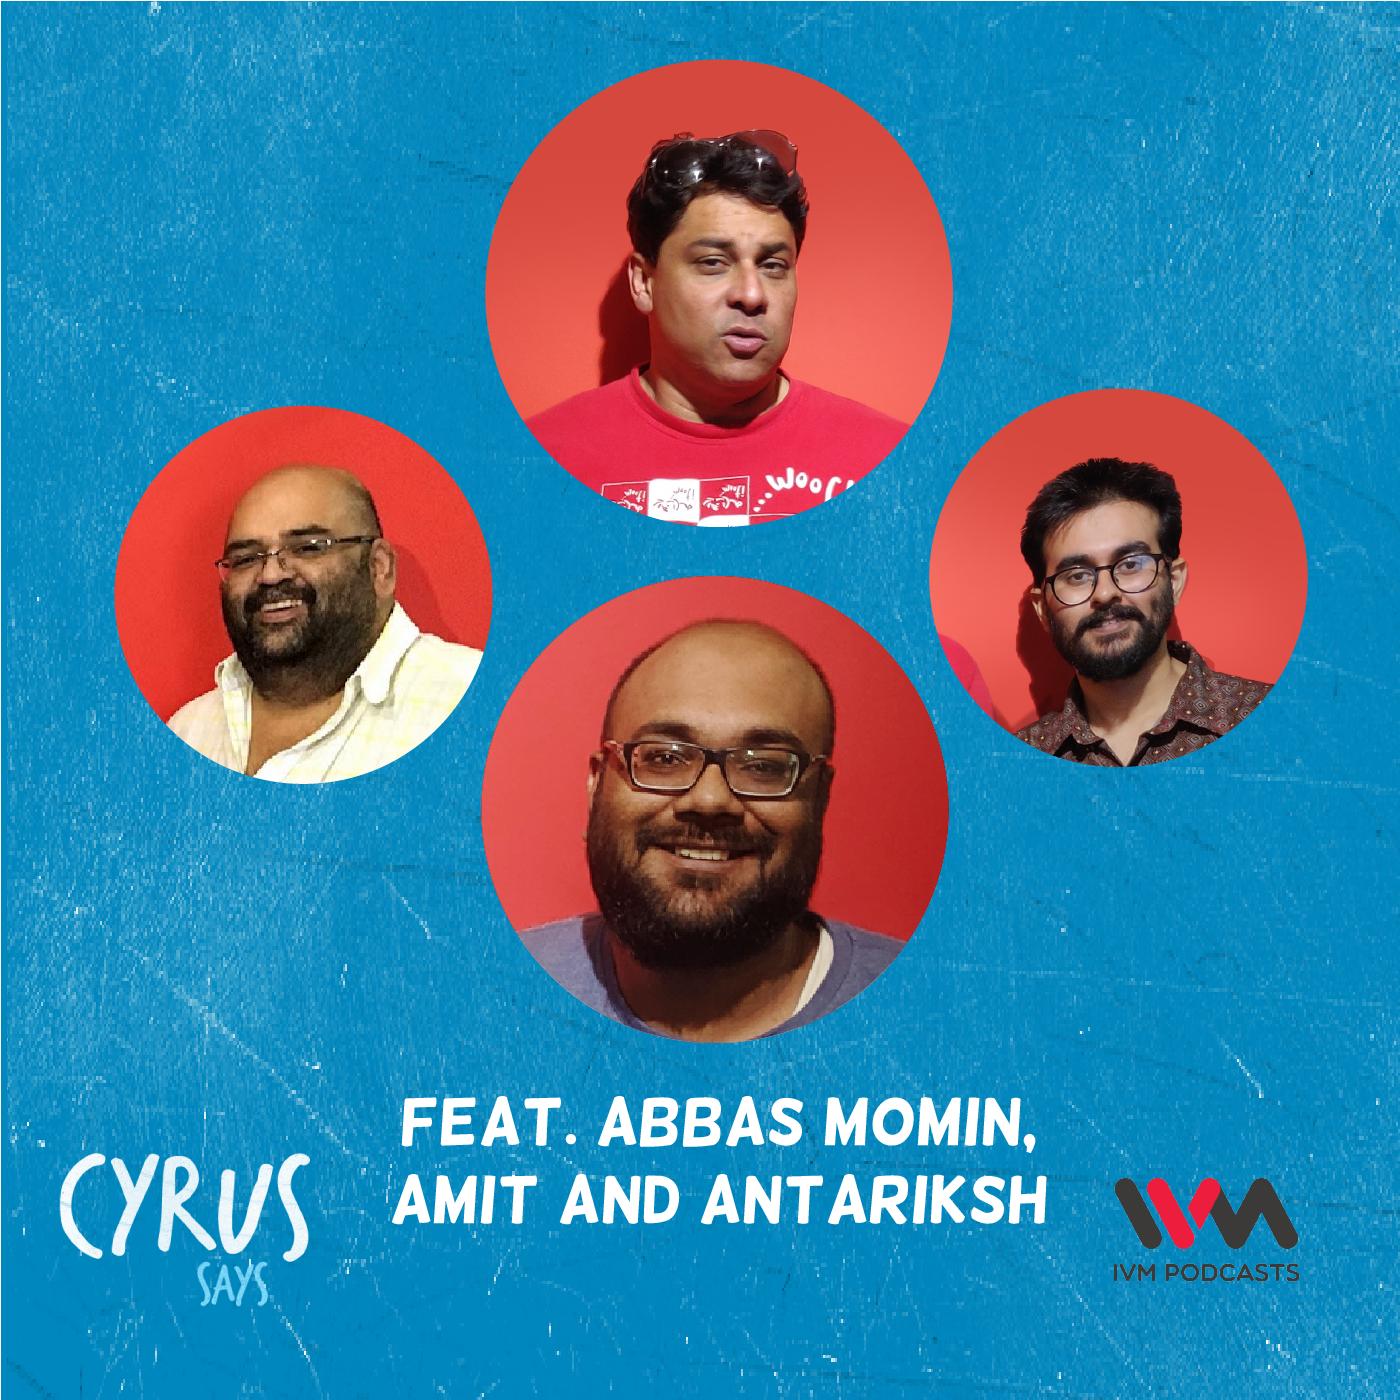 Ep. 607: feat. Abbas Momin, Amit and Antariksh